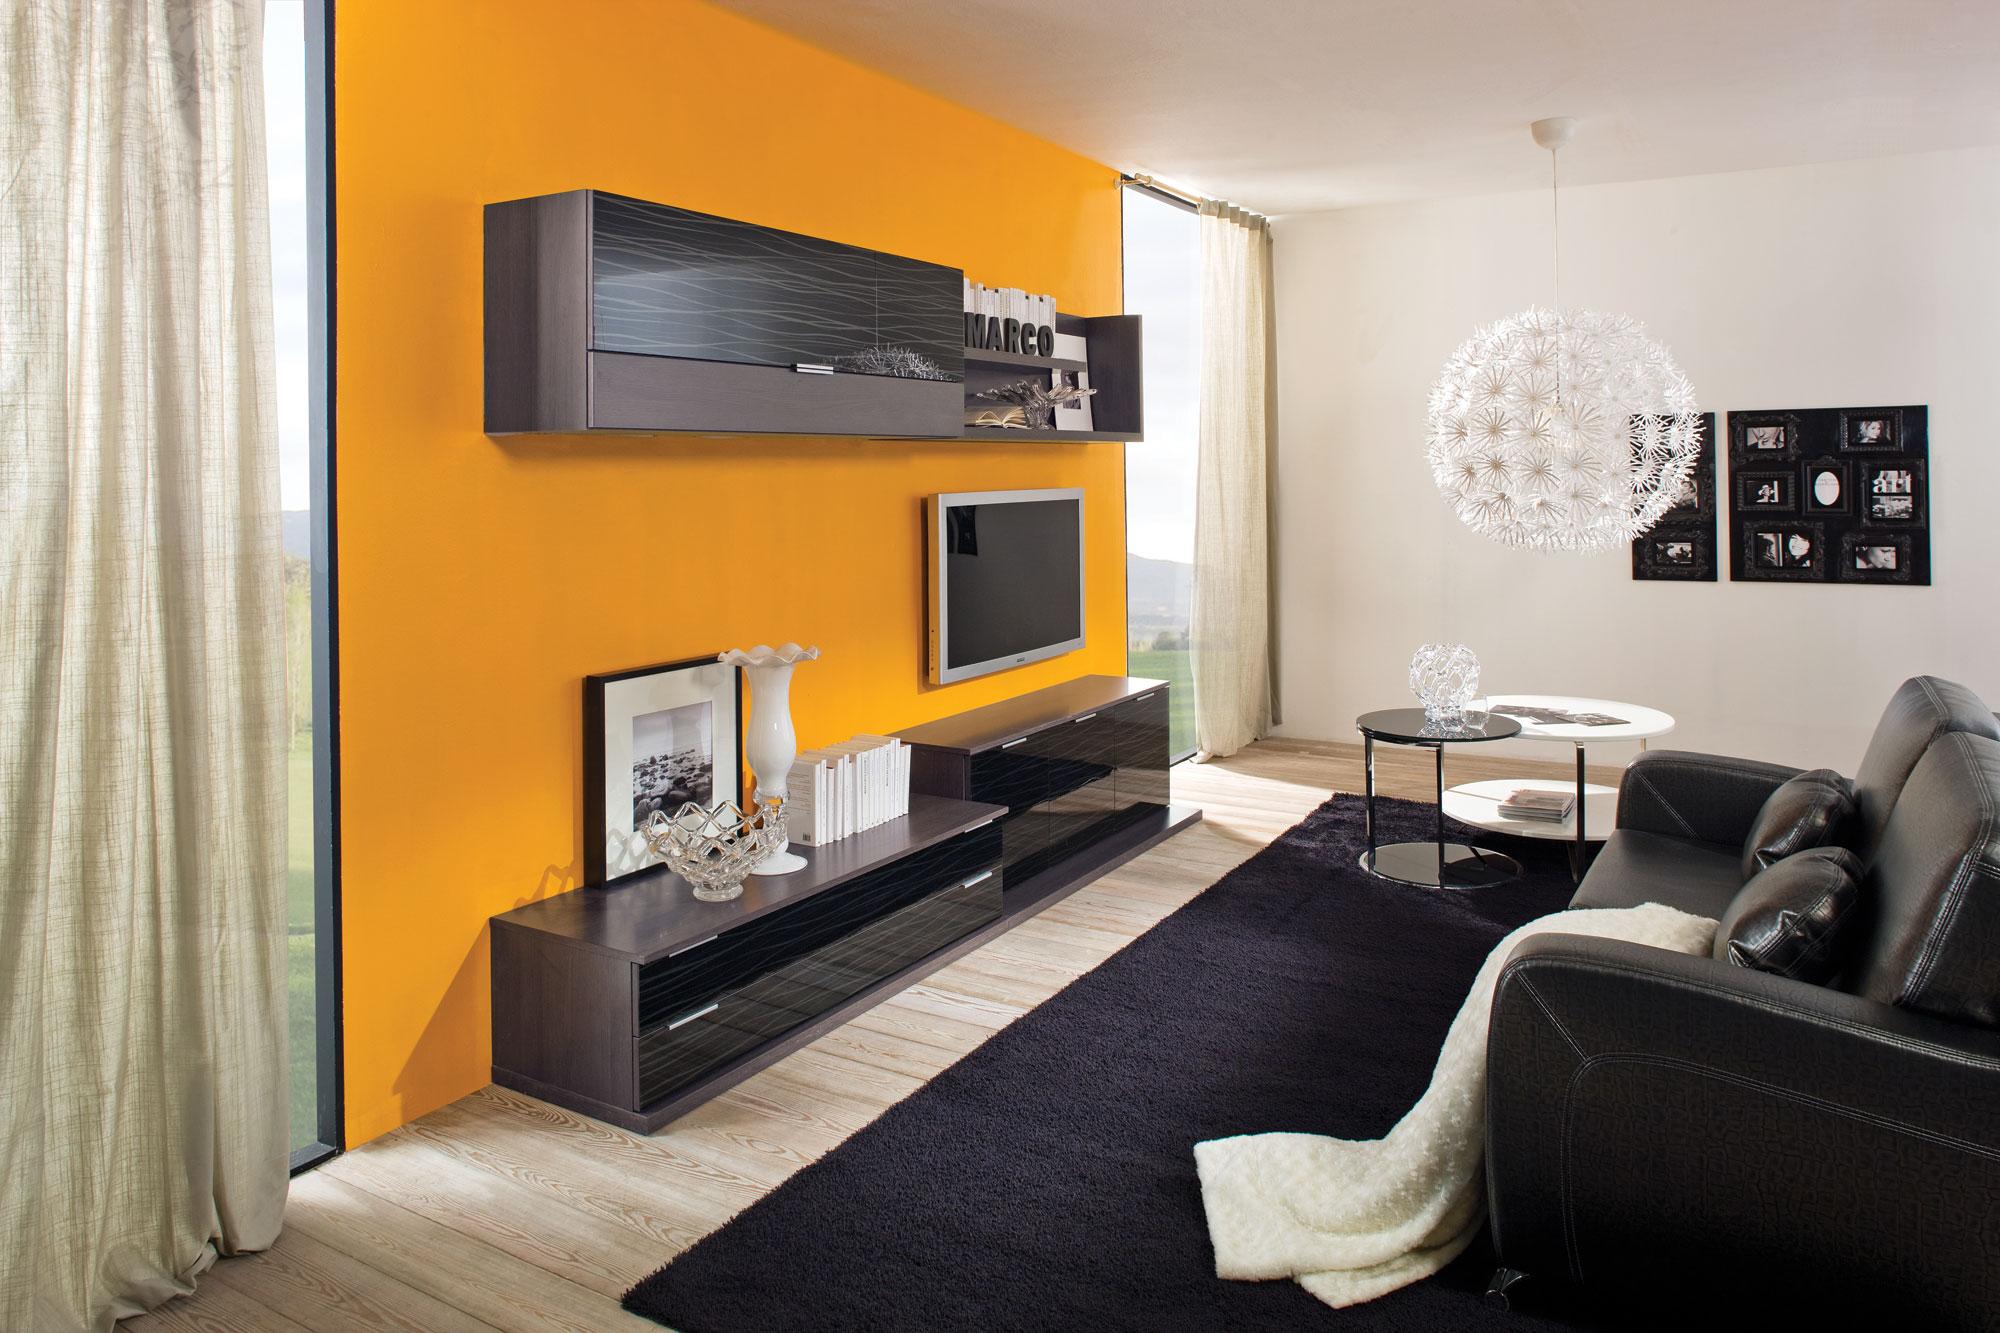 М1200а арт.11 стенка \\ стенки \\ мебель модерн \\ мебельная фа.